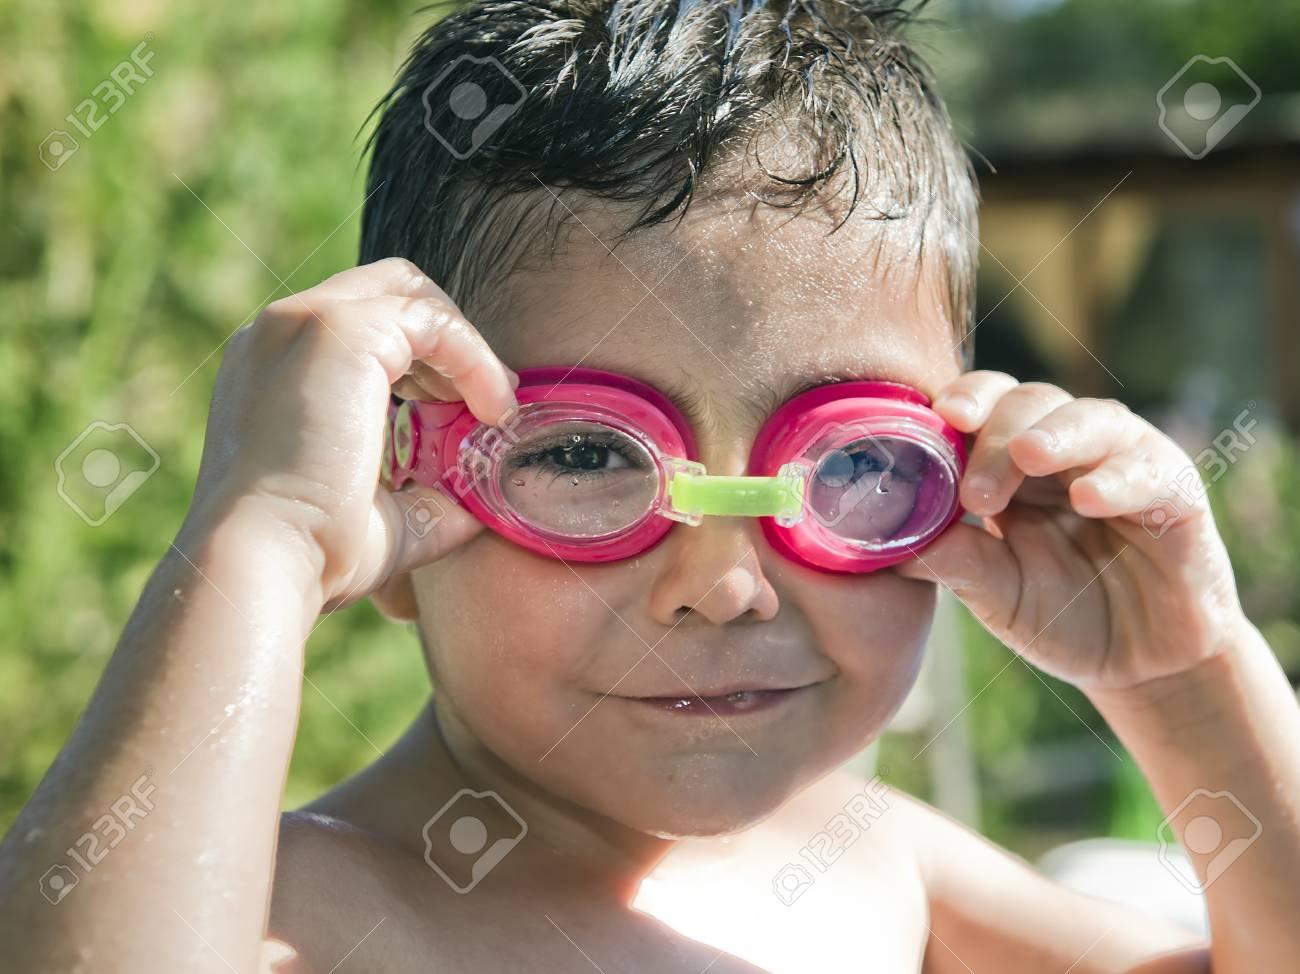 05ef571a1 Verano Retrato De Un Niño Lindo En Vacaciones En La Piscina Con Gafas De  Agua En. El Chico Está Mojado Después Del Baño Y Sonríe Con Complicidad  Mientras ...